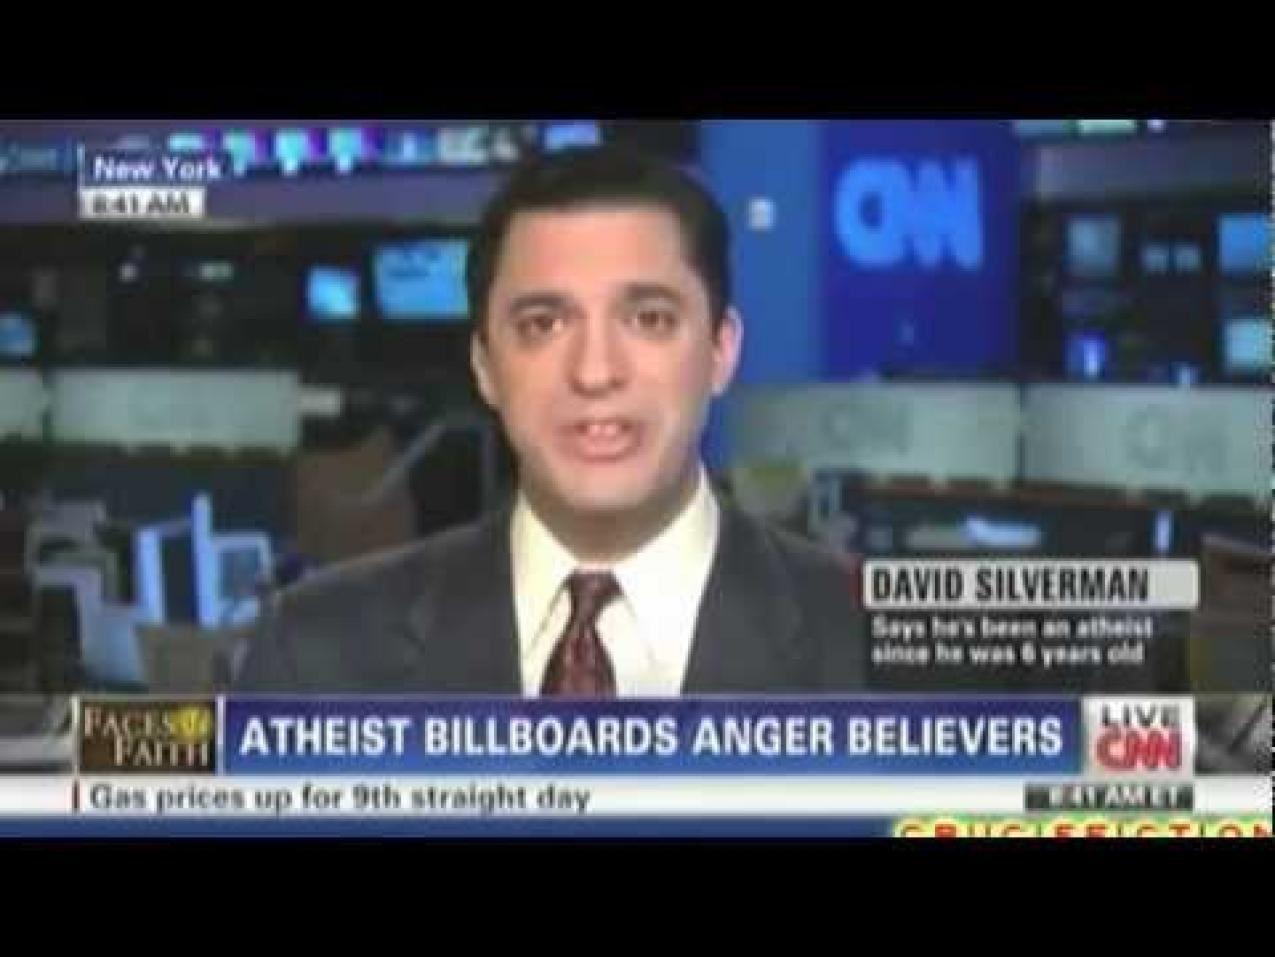 Après l'église athée, la chaîne de télévision athée